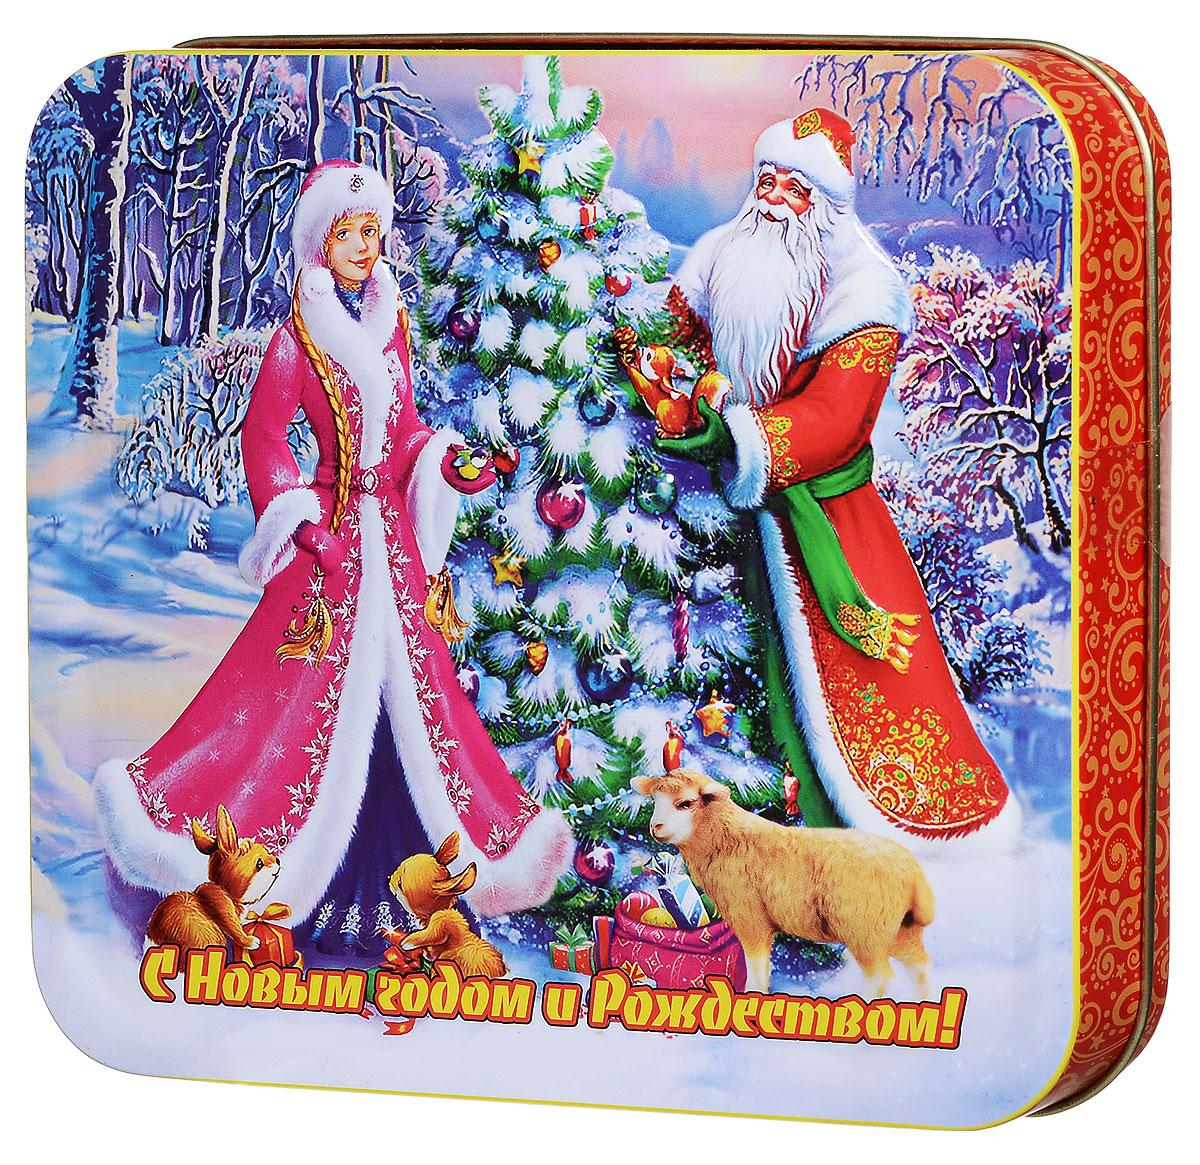 Дольче Вита Дед Мороз со Снегурочкой черный листовой чай, 100 г дольче вита с рождеством христовым черный листовой чай 170 г